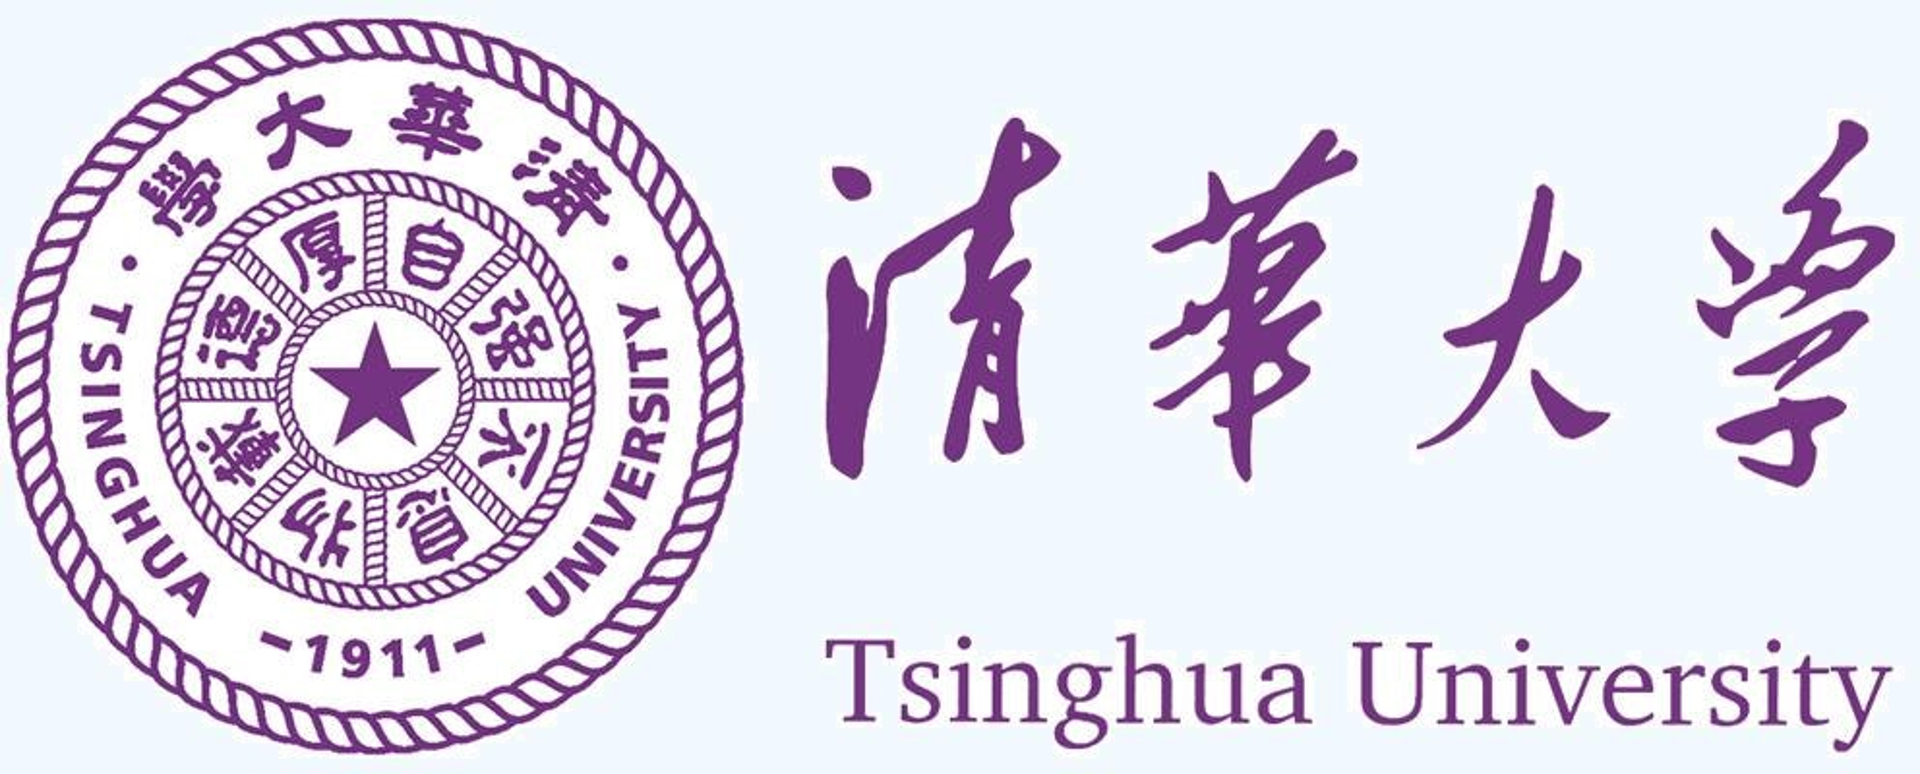 Logo 1373466167.jpg?ixlib=rb 1.1